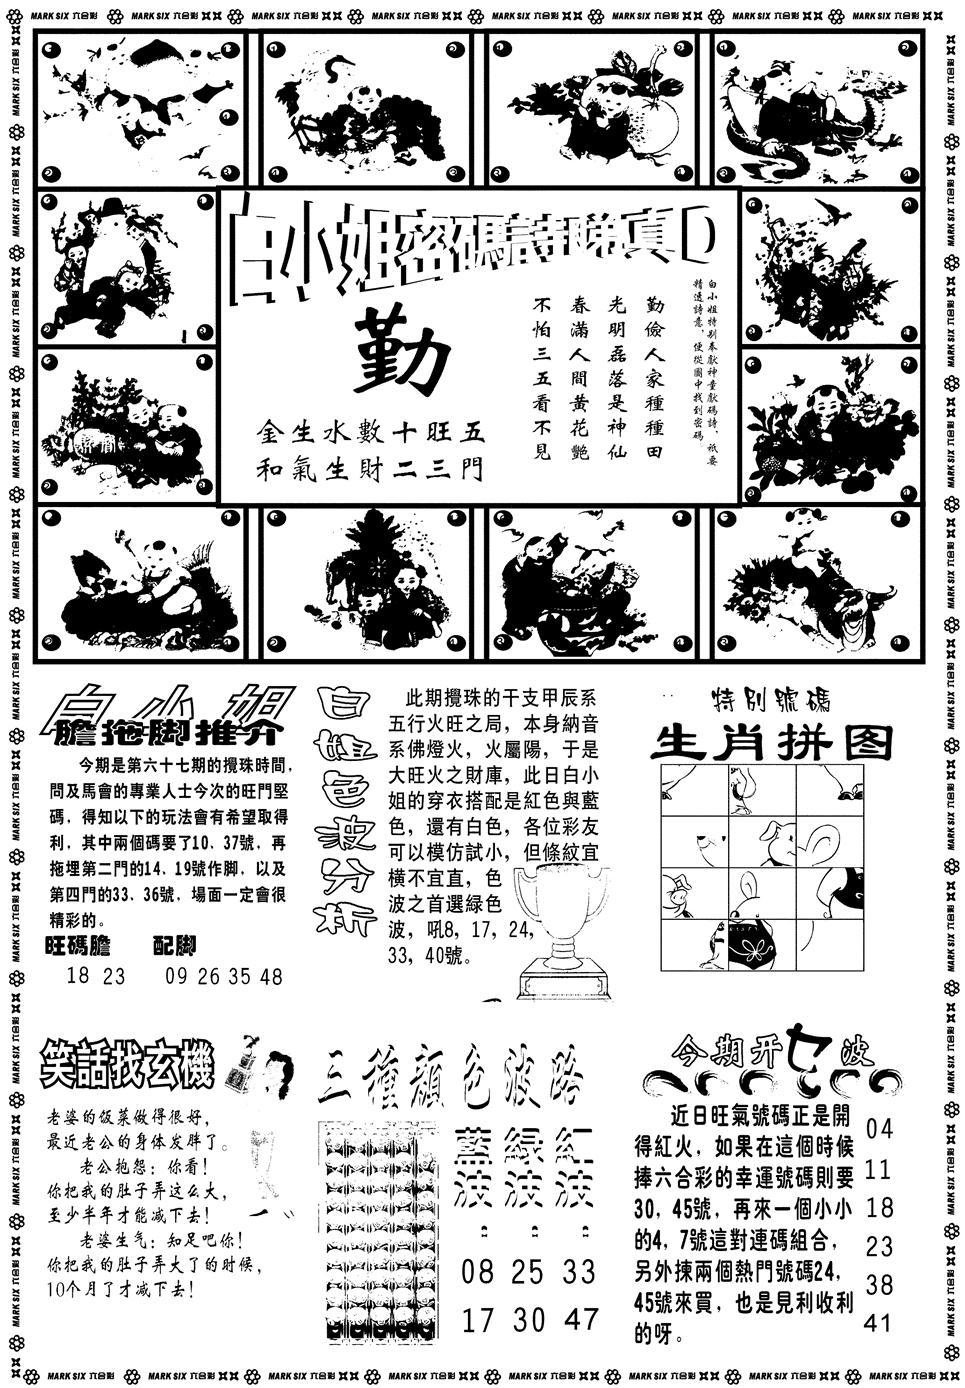 067期白小姐祺袍B(黑白)